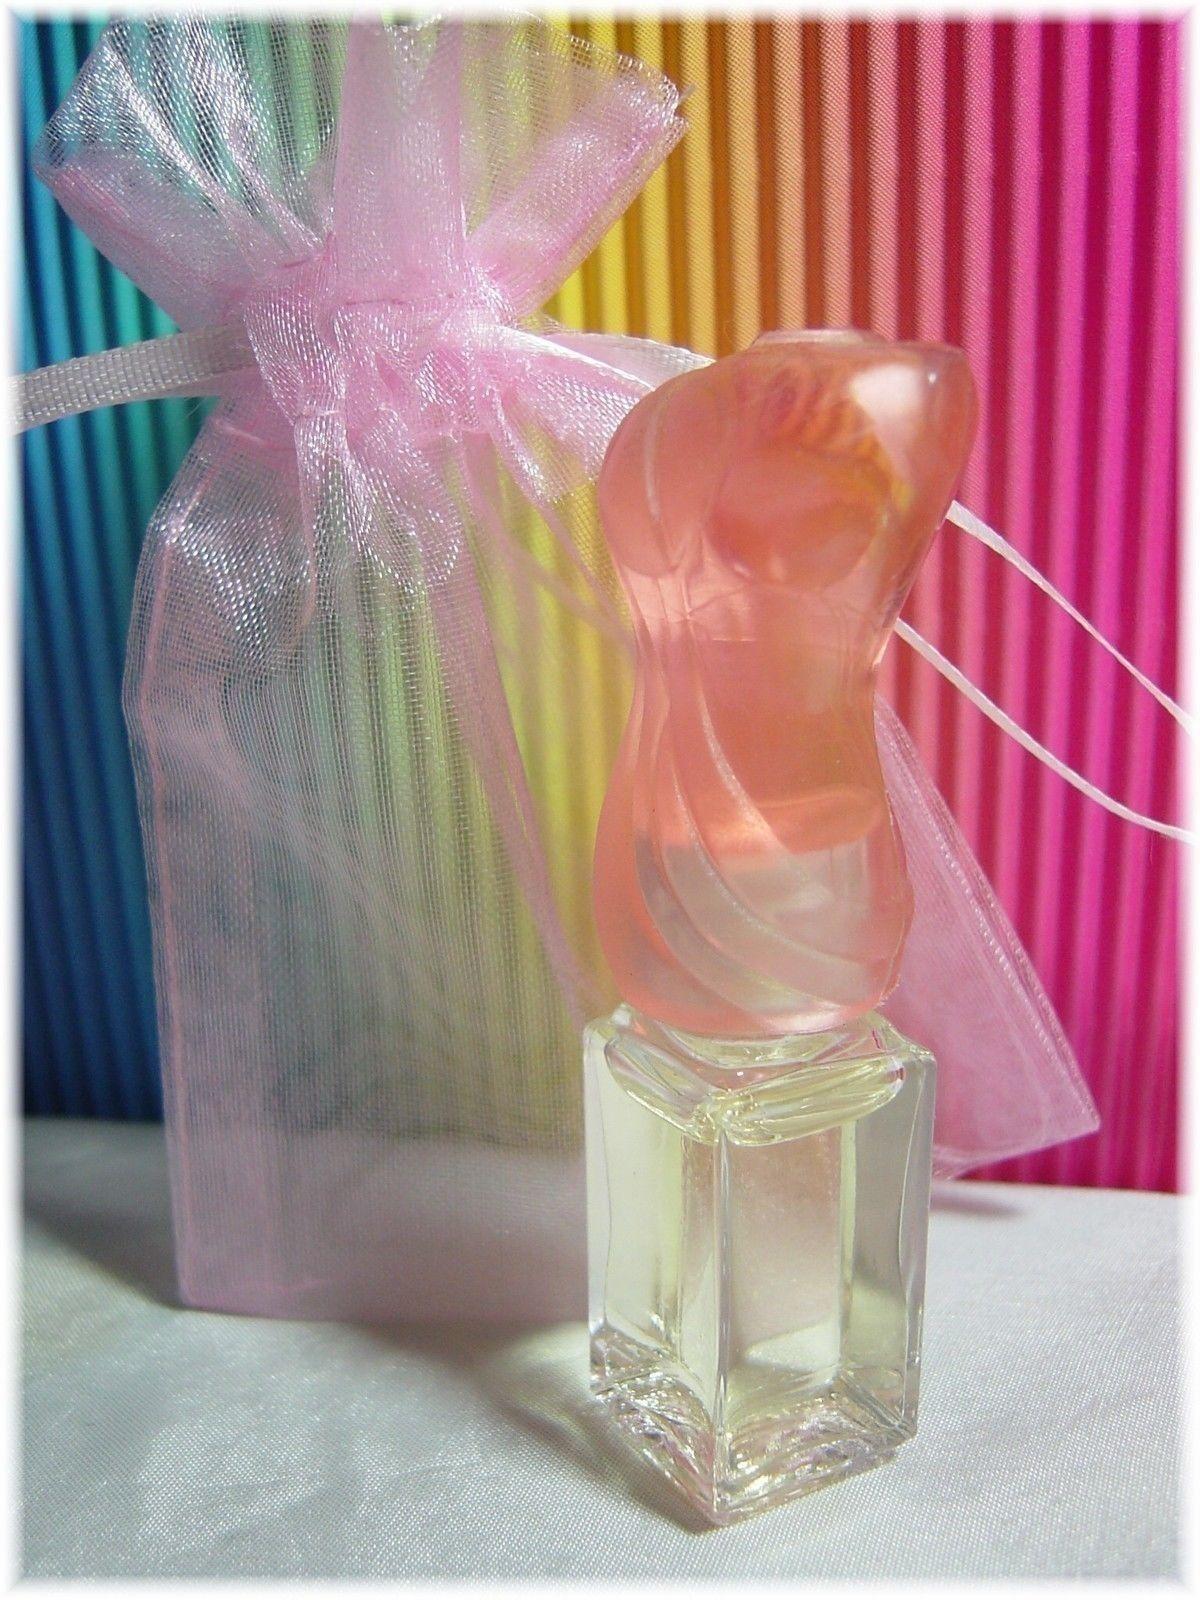 Parfum Miniatur Pagnacos Pour Femme Edp 5 Ml Ebay парфюм